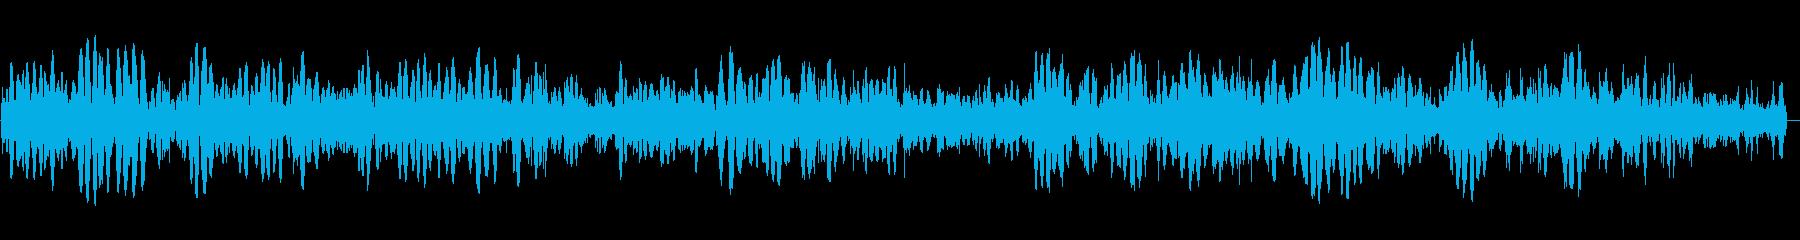 フツフツと煮る効果音の再生済みの波形